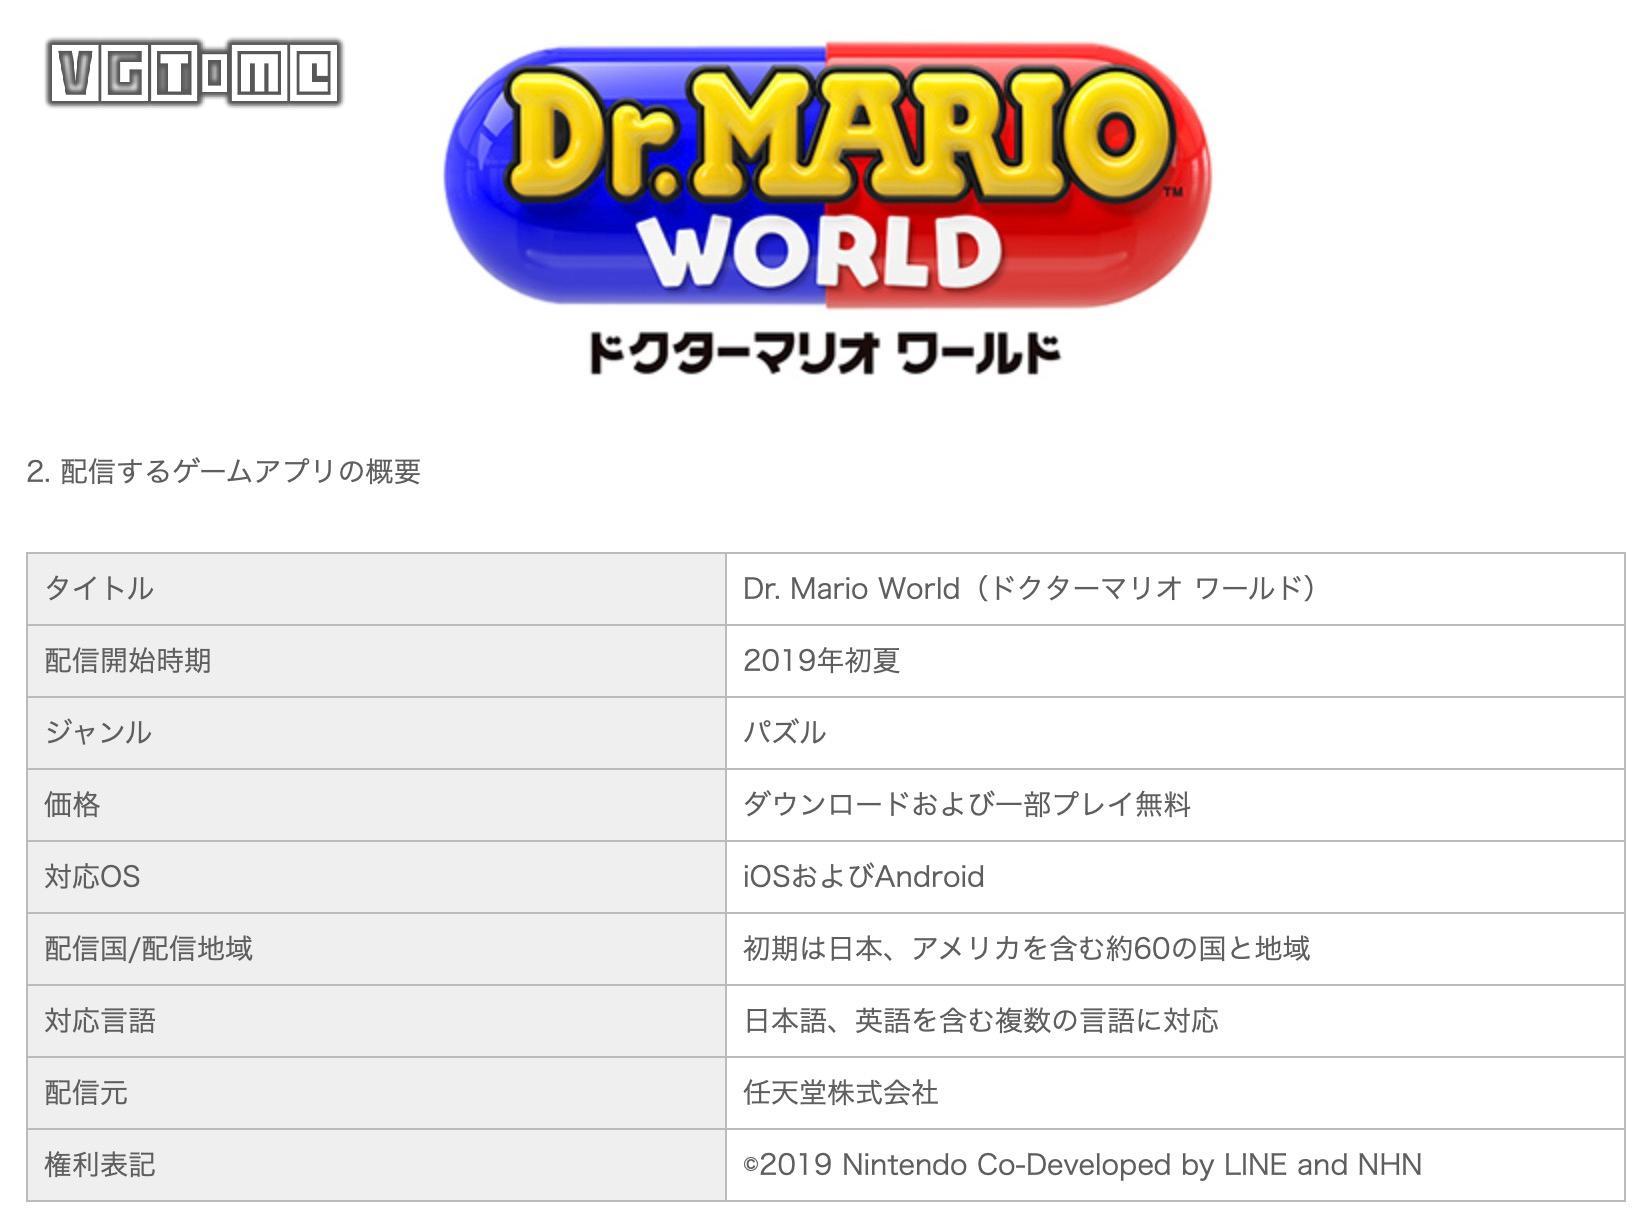 任天堂与LINE今夏合作推出手游《马力欧医生 世界》